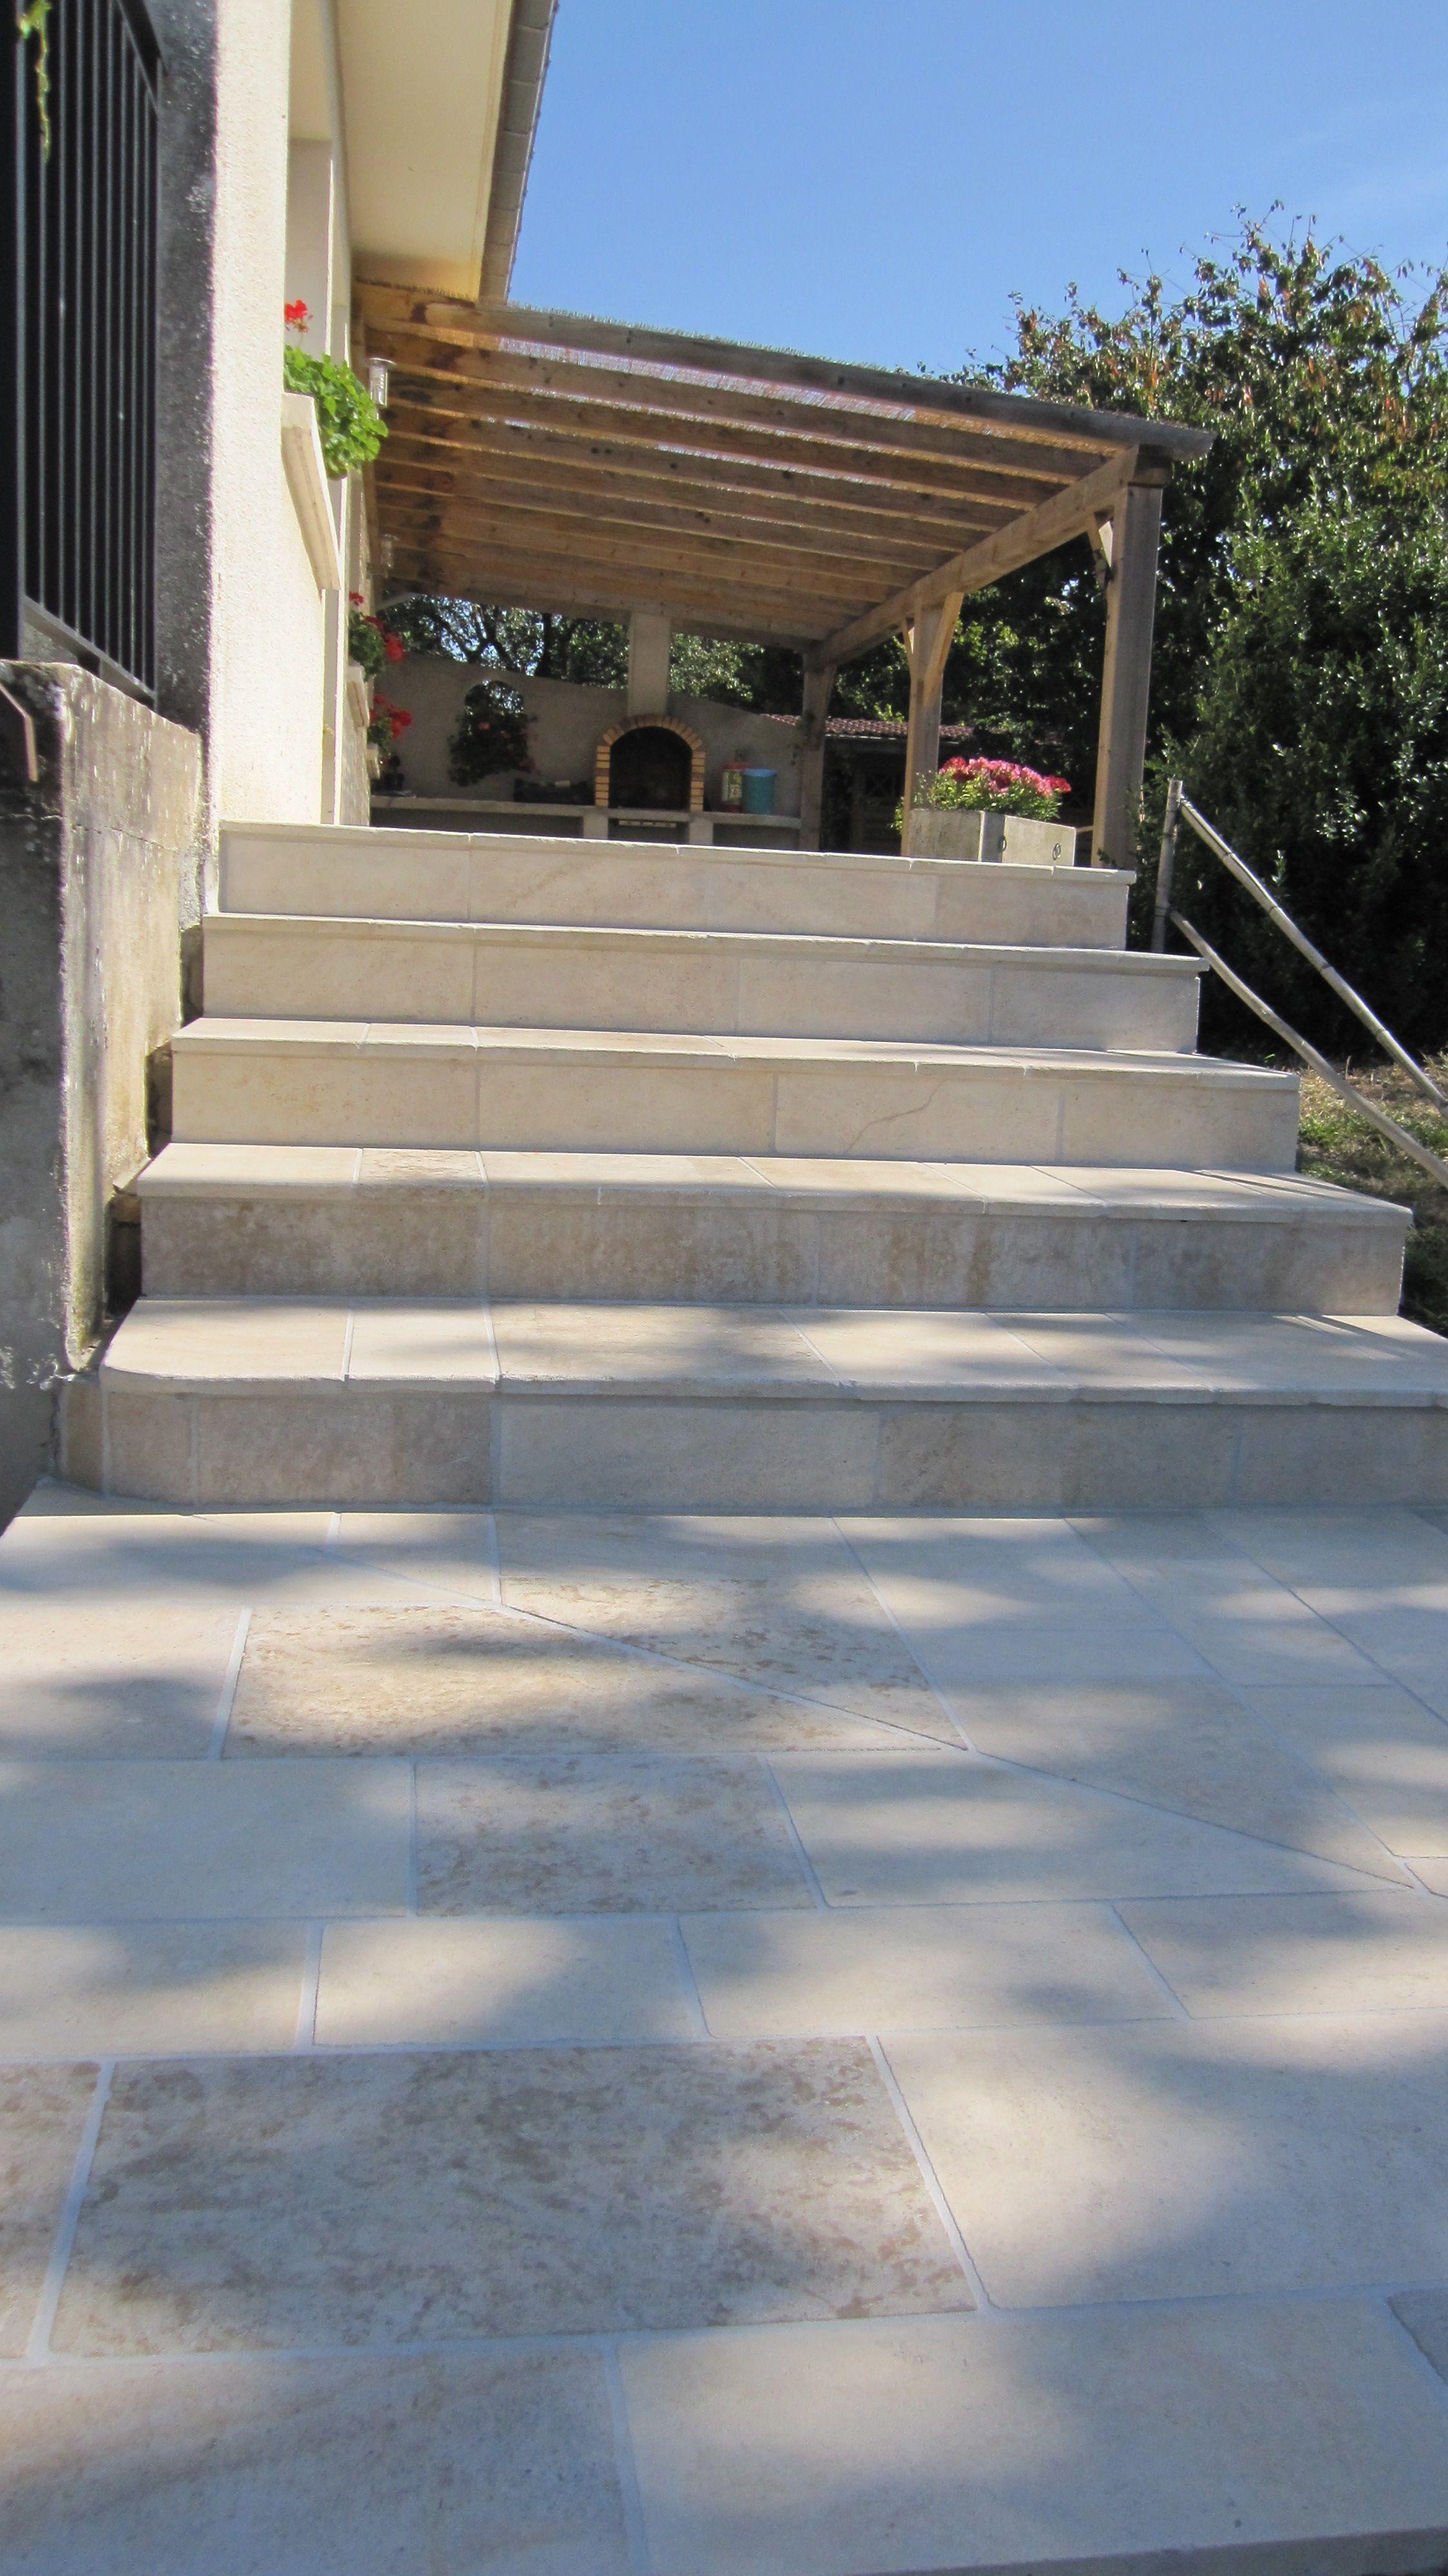 Escalier En Pierre Naturelle De Bourgogne Beaunotte Dcn Habillage De L Emmarchement Beton Par De Escalier Exterieur Beton Escalier Exterieur Dallage Exterieur